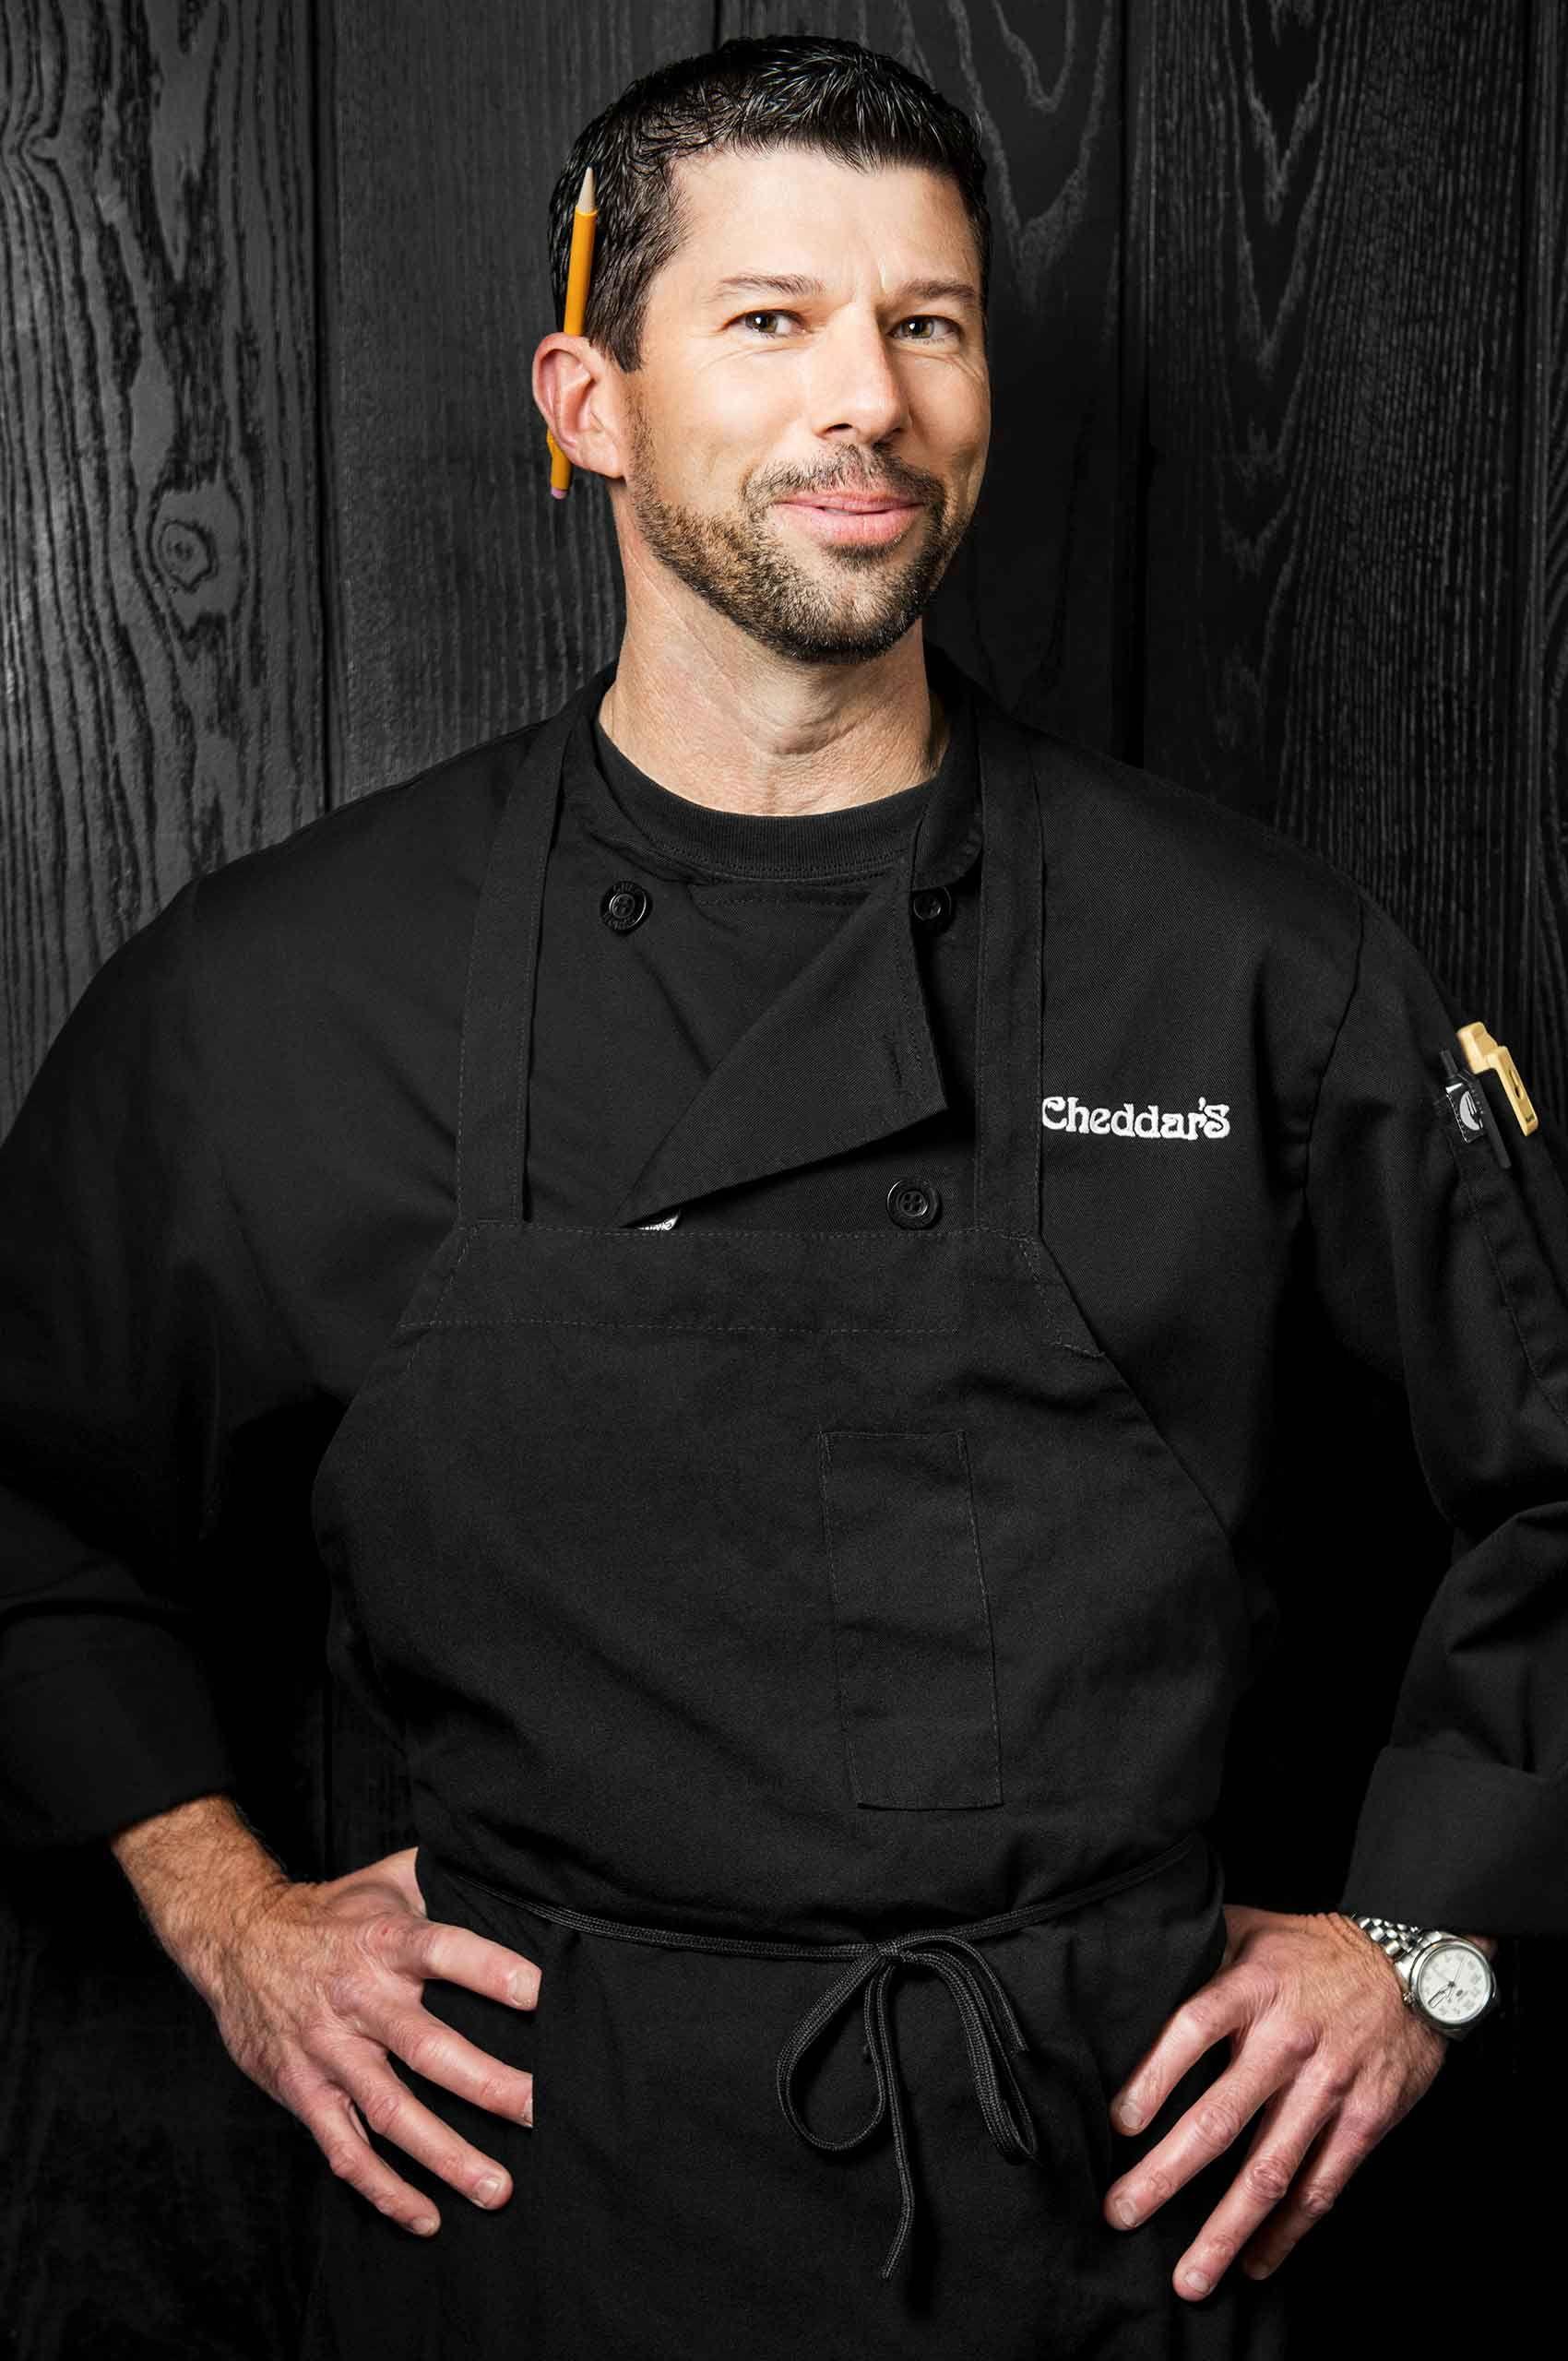 Chef-at-Cheddars-ScratchKitchen-by-HenrikOlundPhotography.jpg